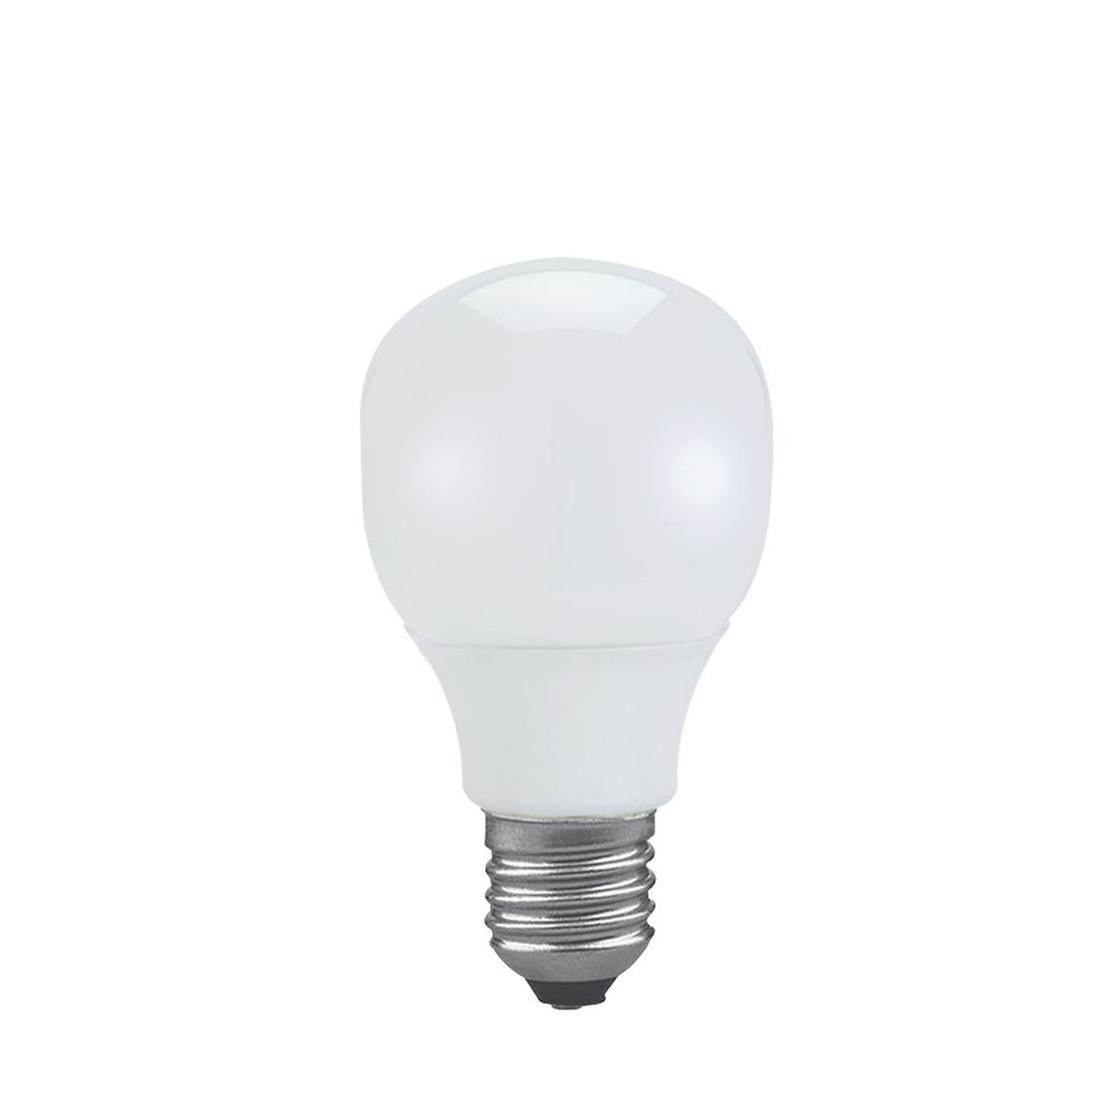 Paulmann energiesparlampe tropfen 15 watt e27 for Lampen rampe